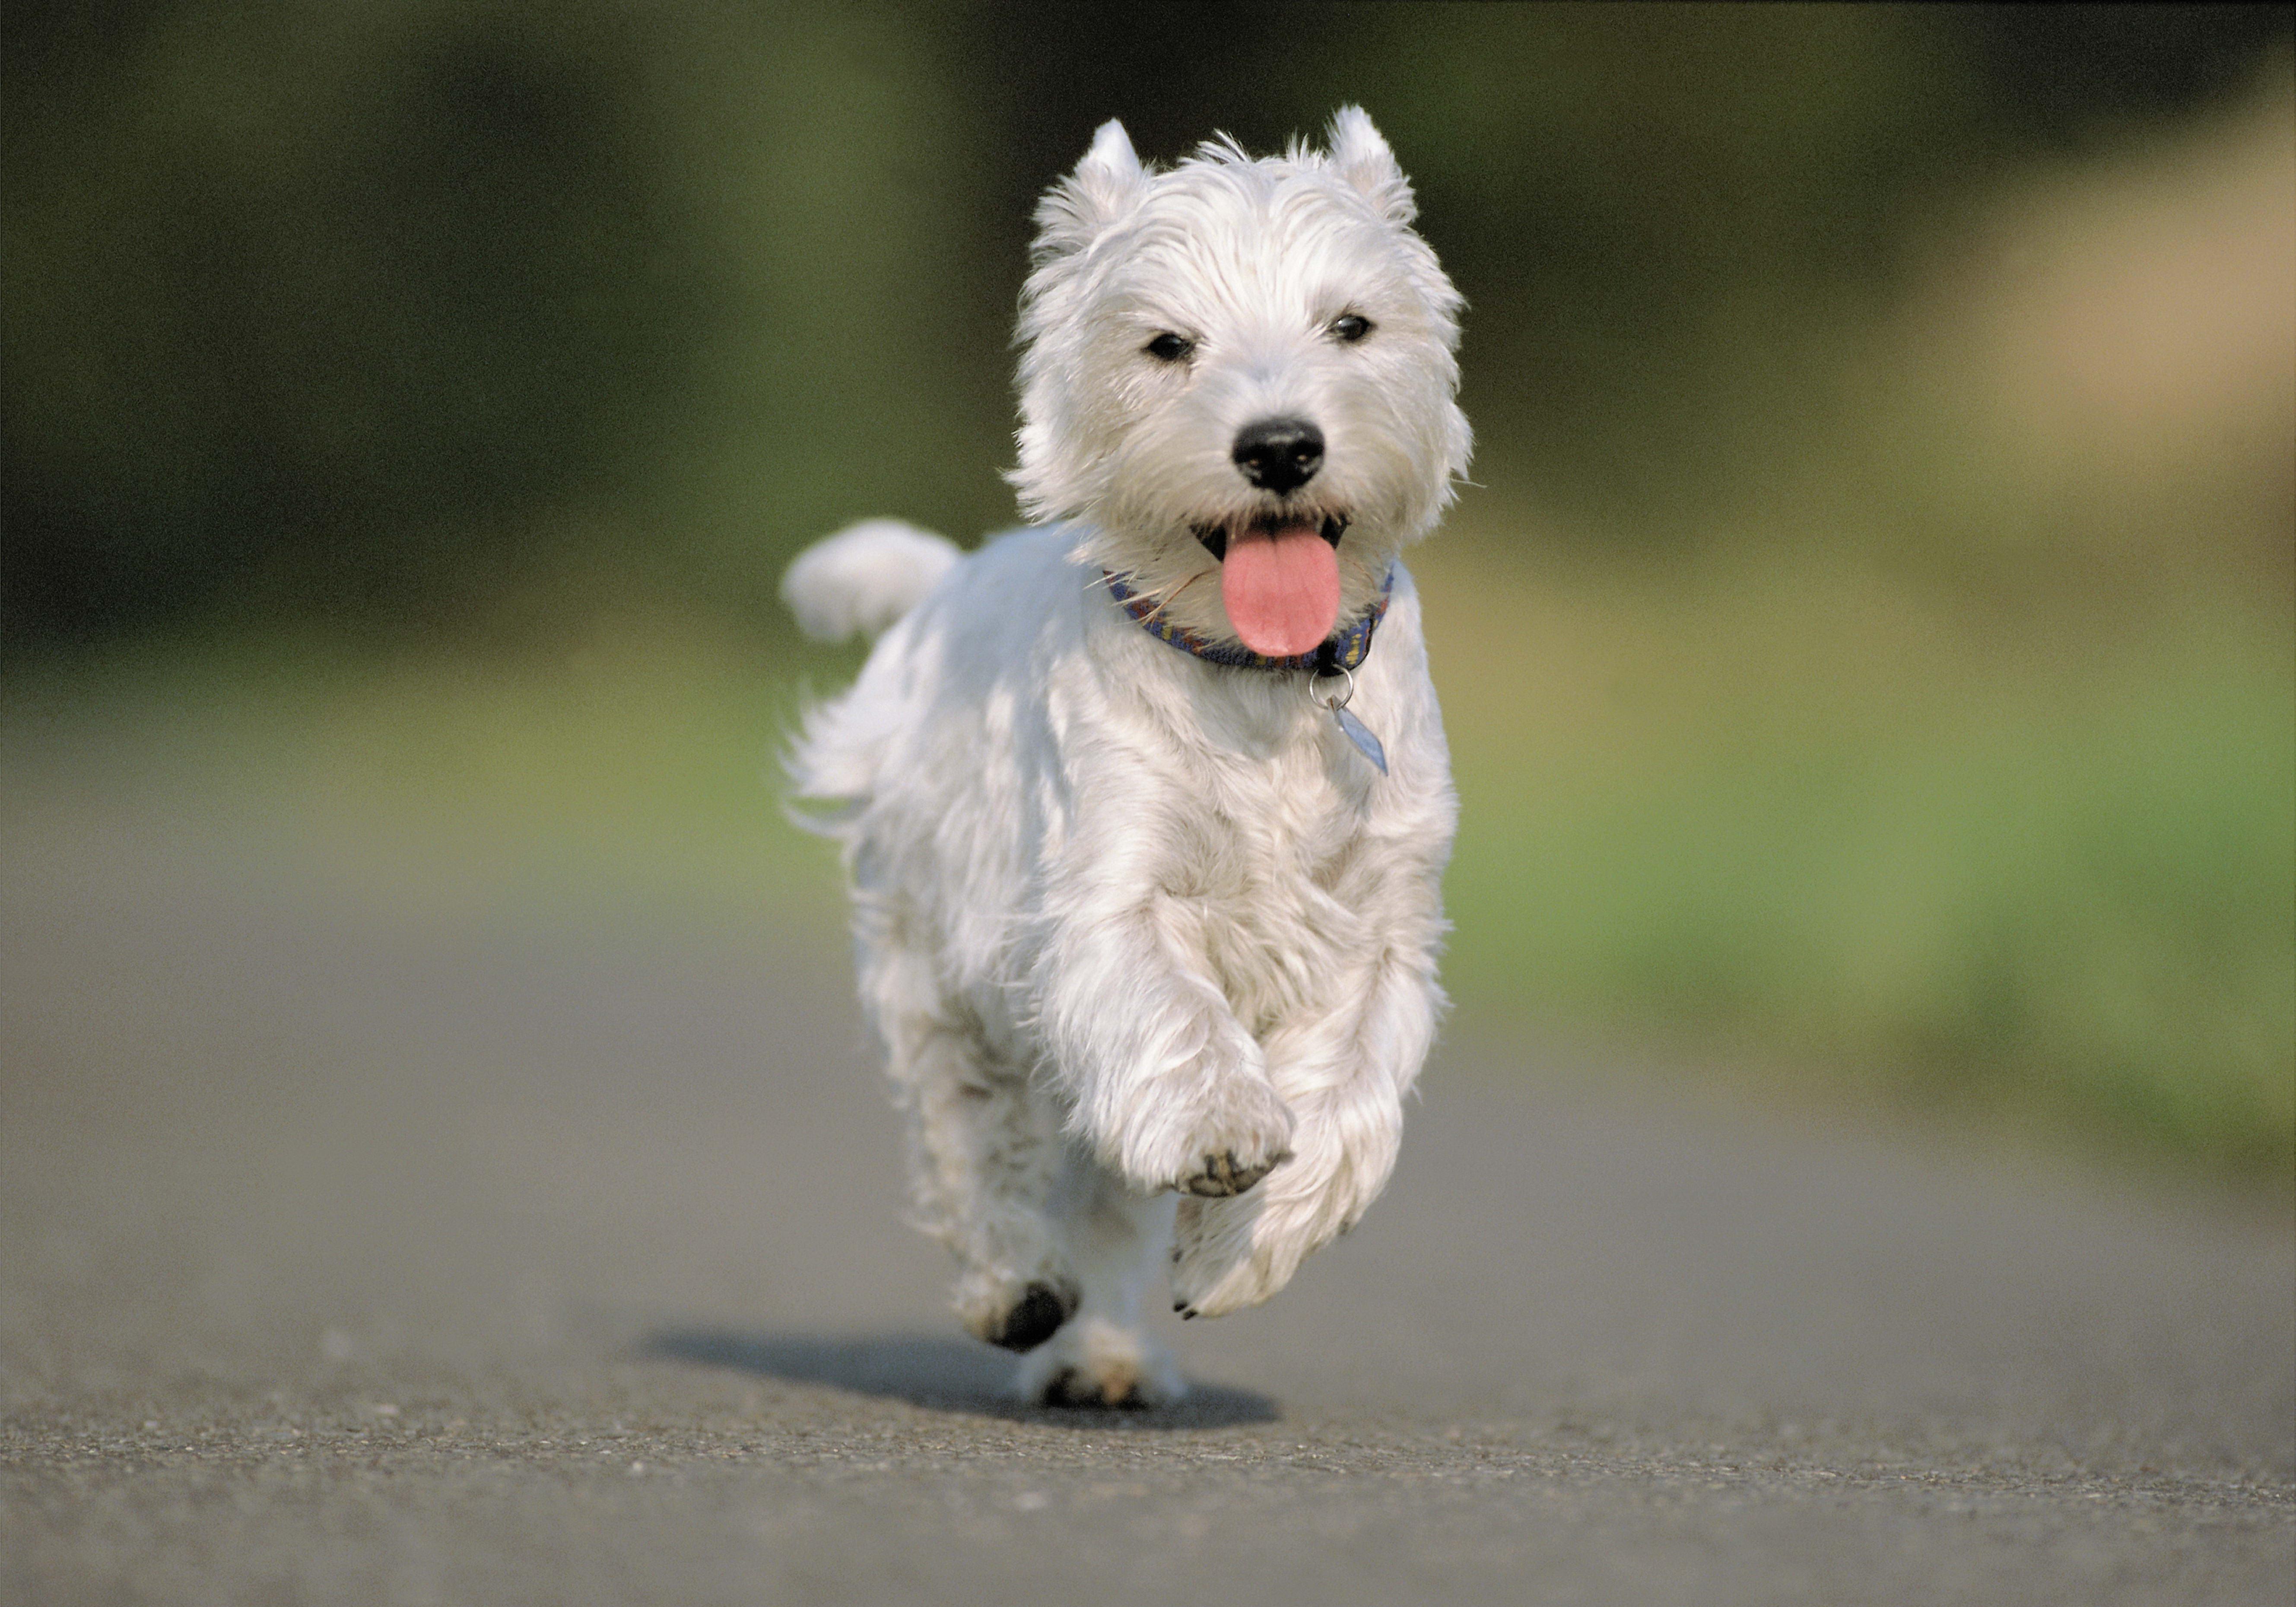 127211 скачать обои Животные, Собака, Бег, Асфальт, Дорога - заставки и картинки бесплатно